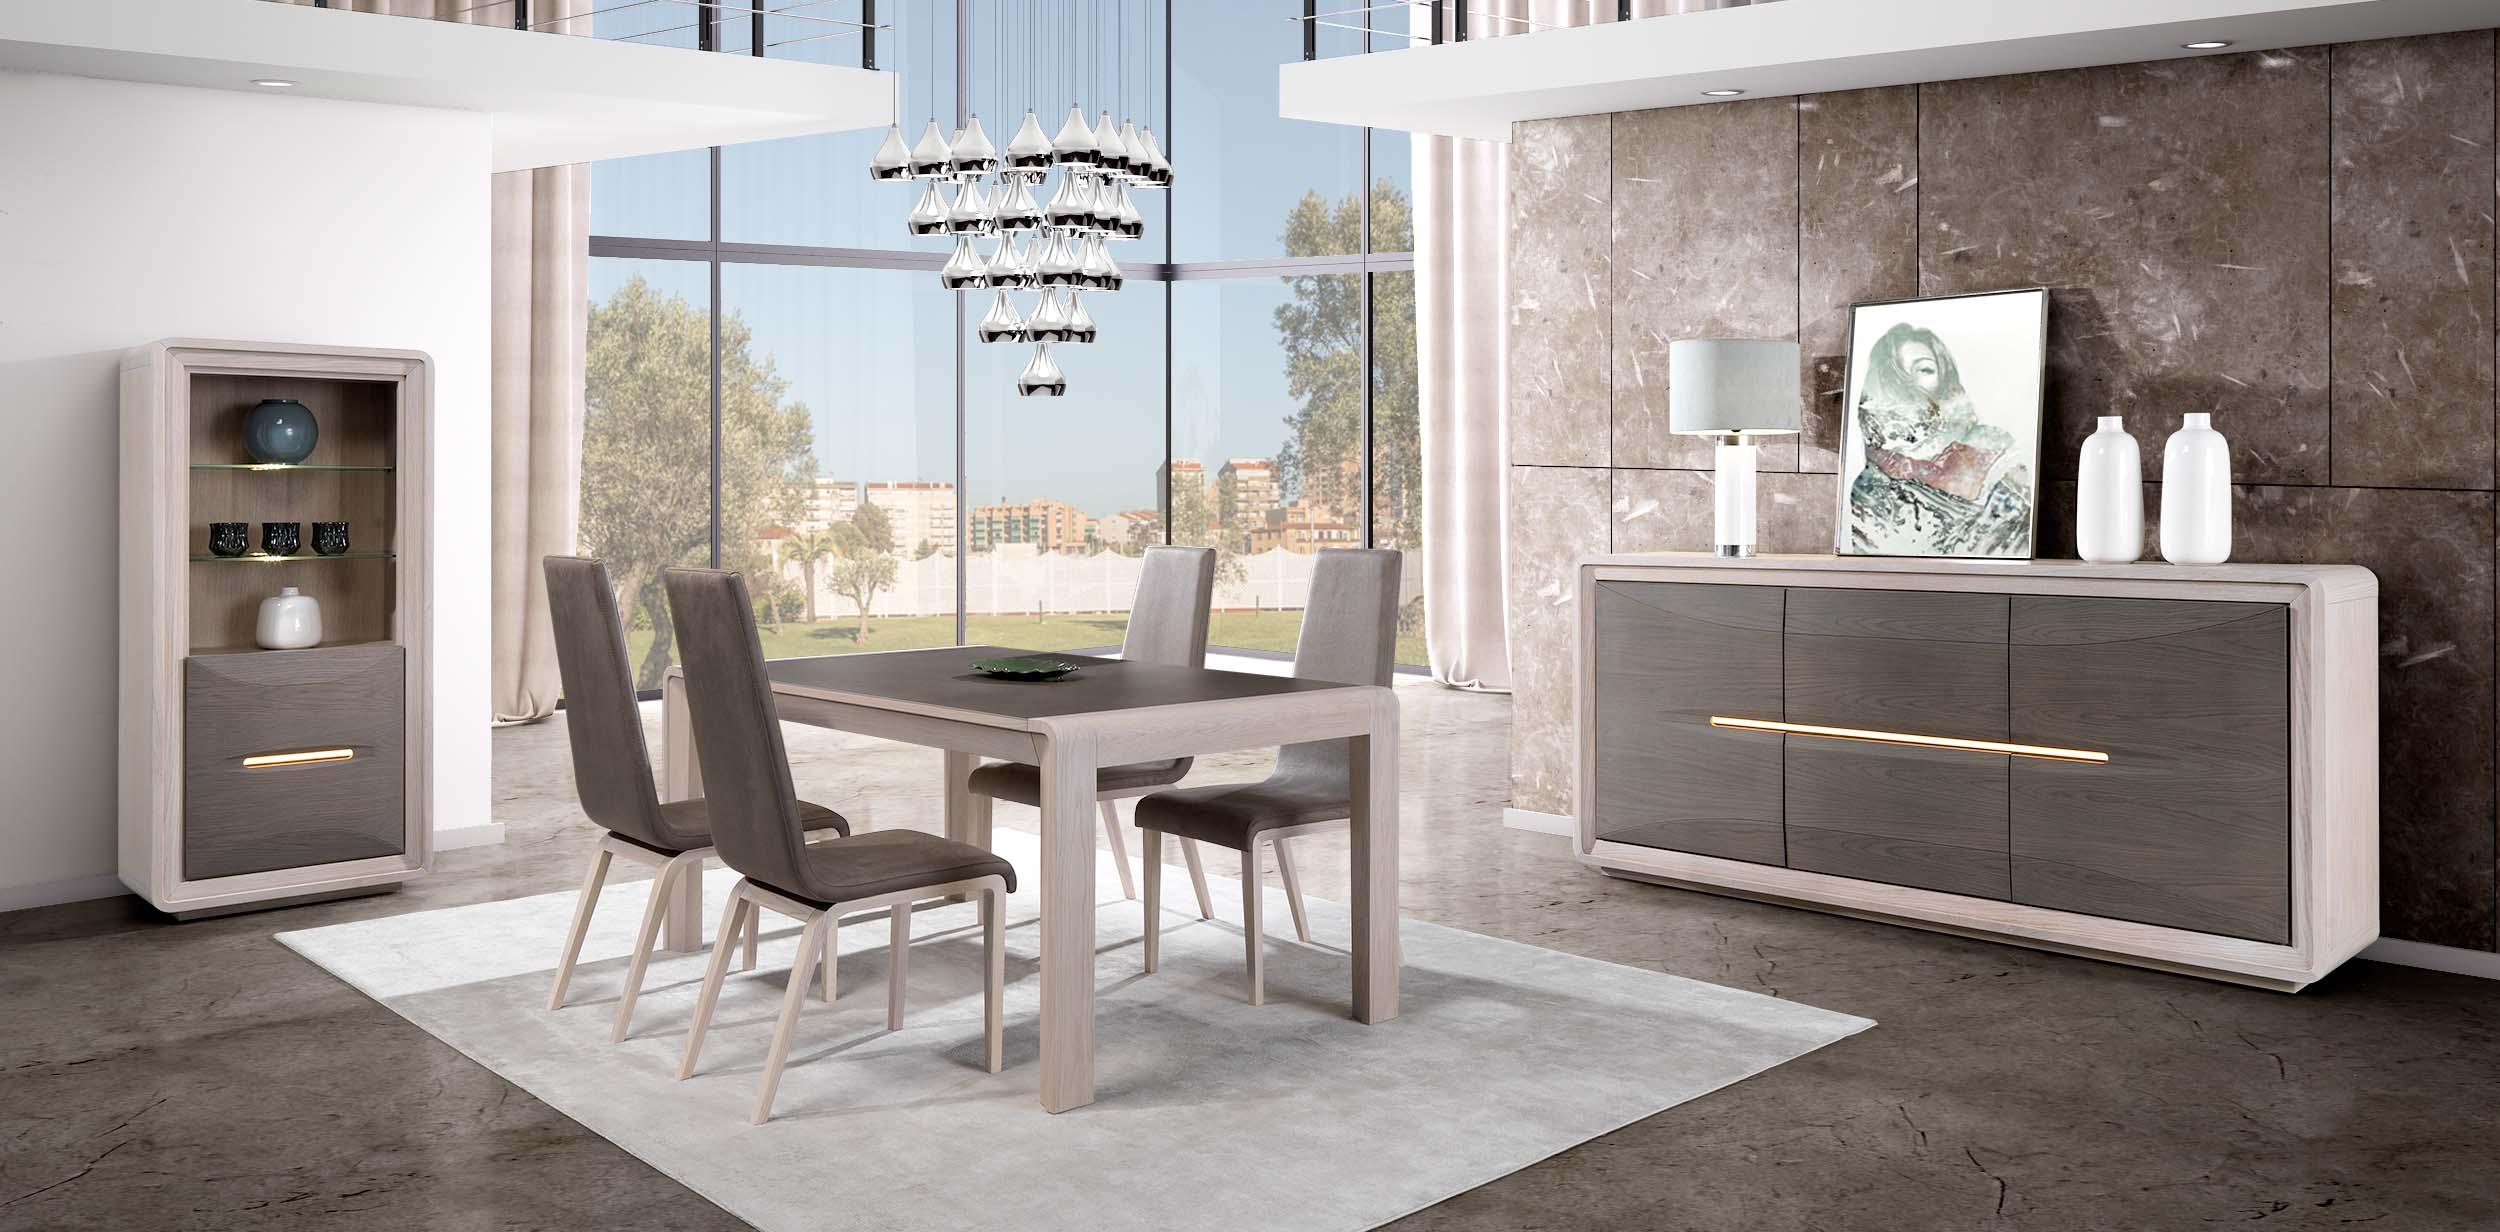 Modele de salle a manger design 28 images modele de for Salle a manger design